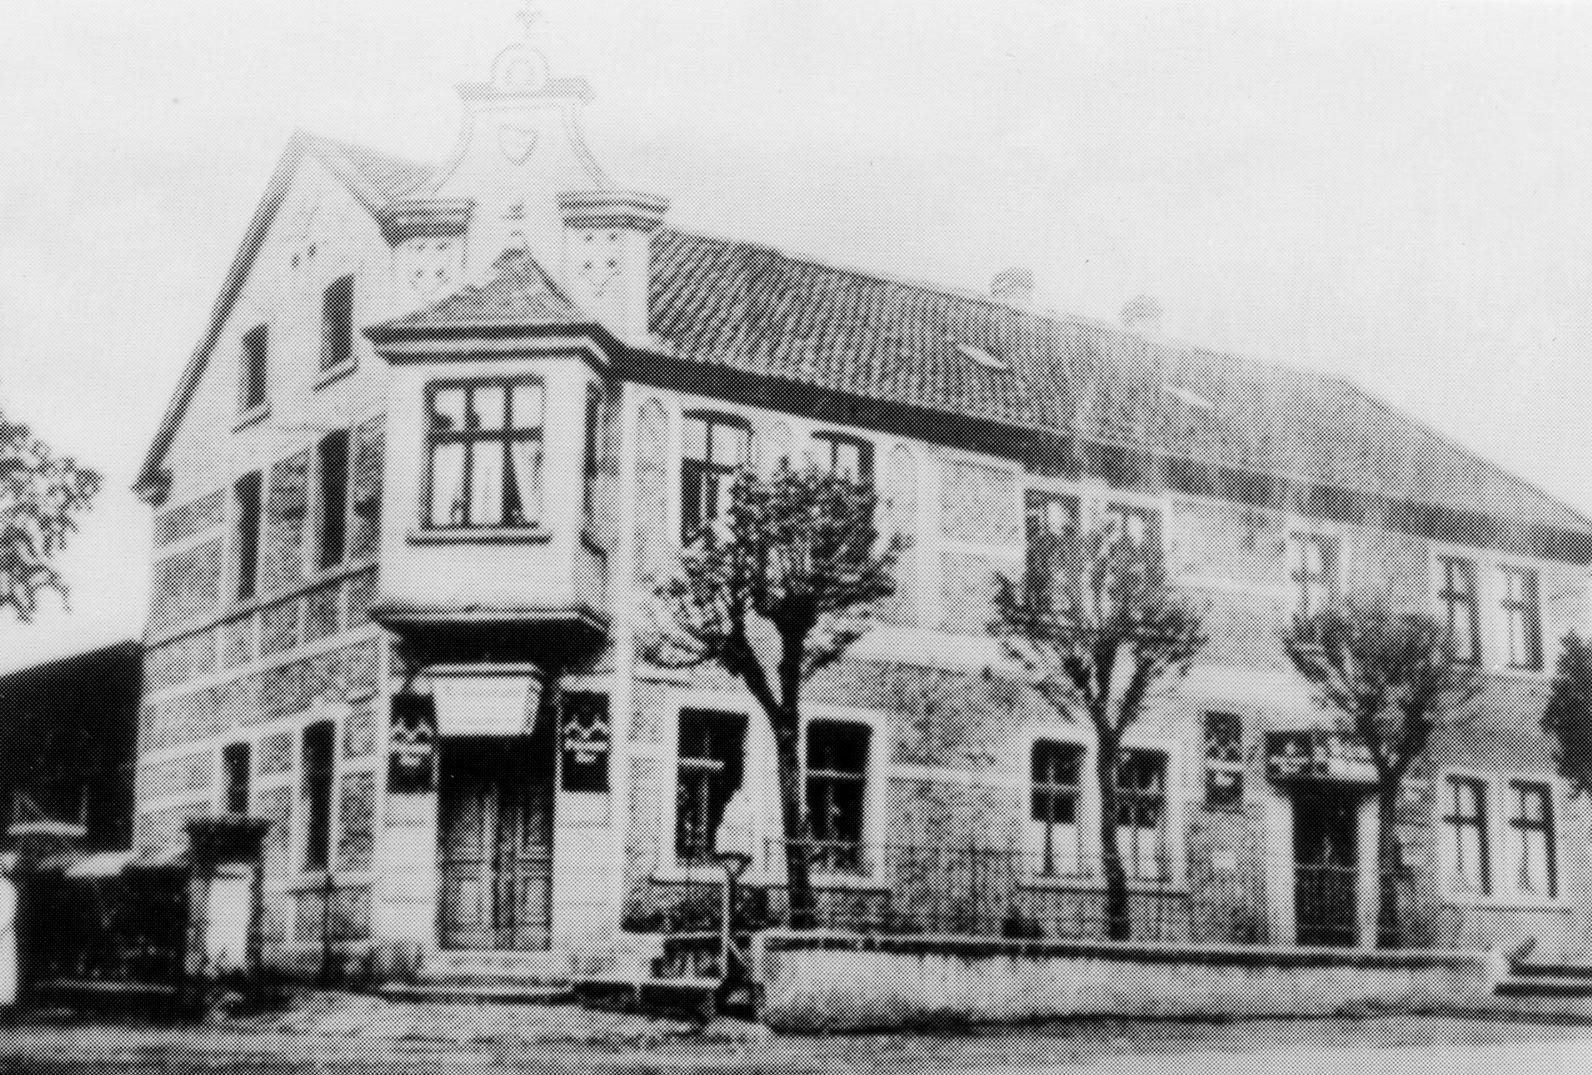 Chausseegelderhebungsstelle I (Haar), Foto: Archiv W. Dickten